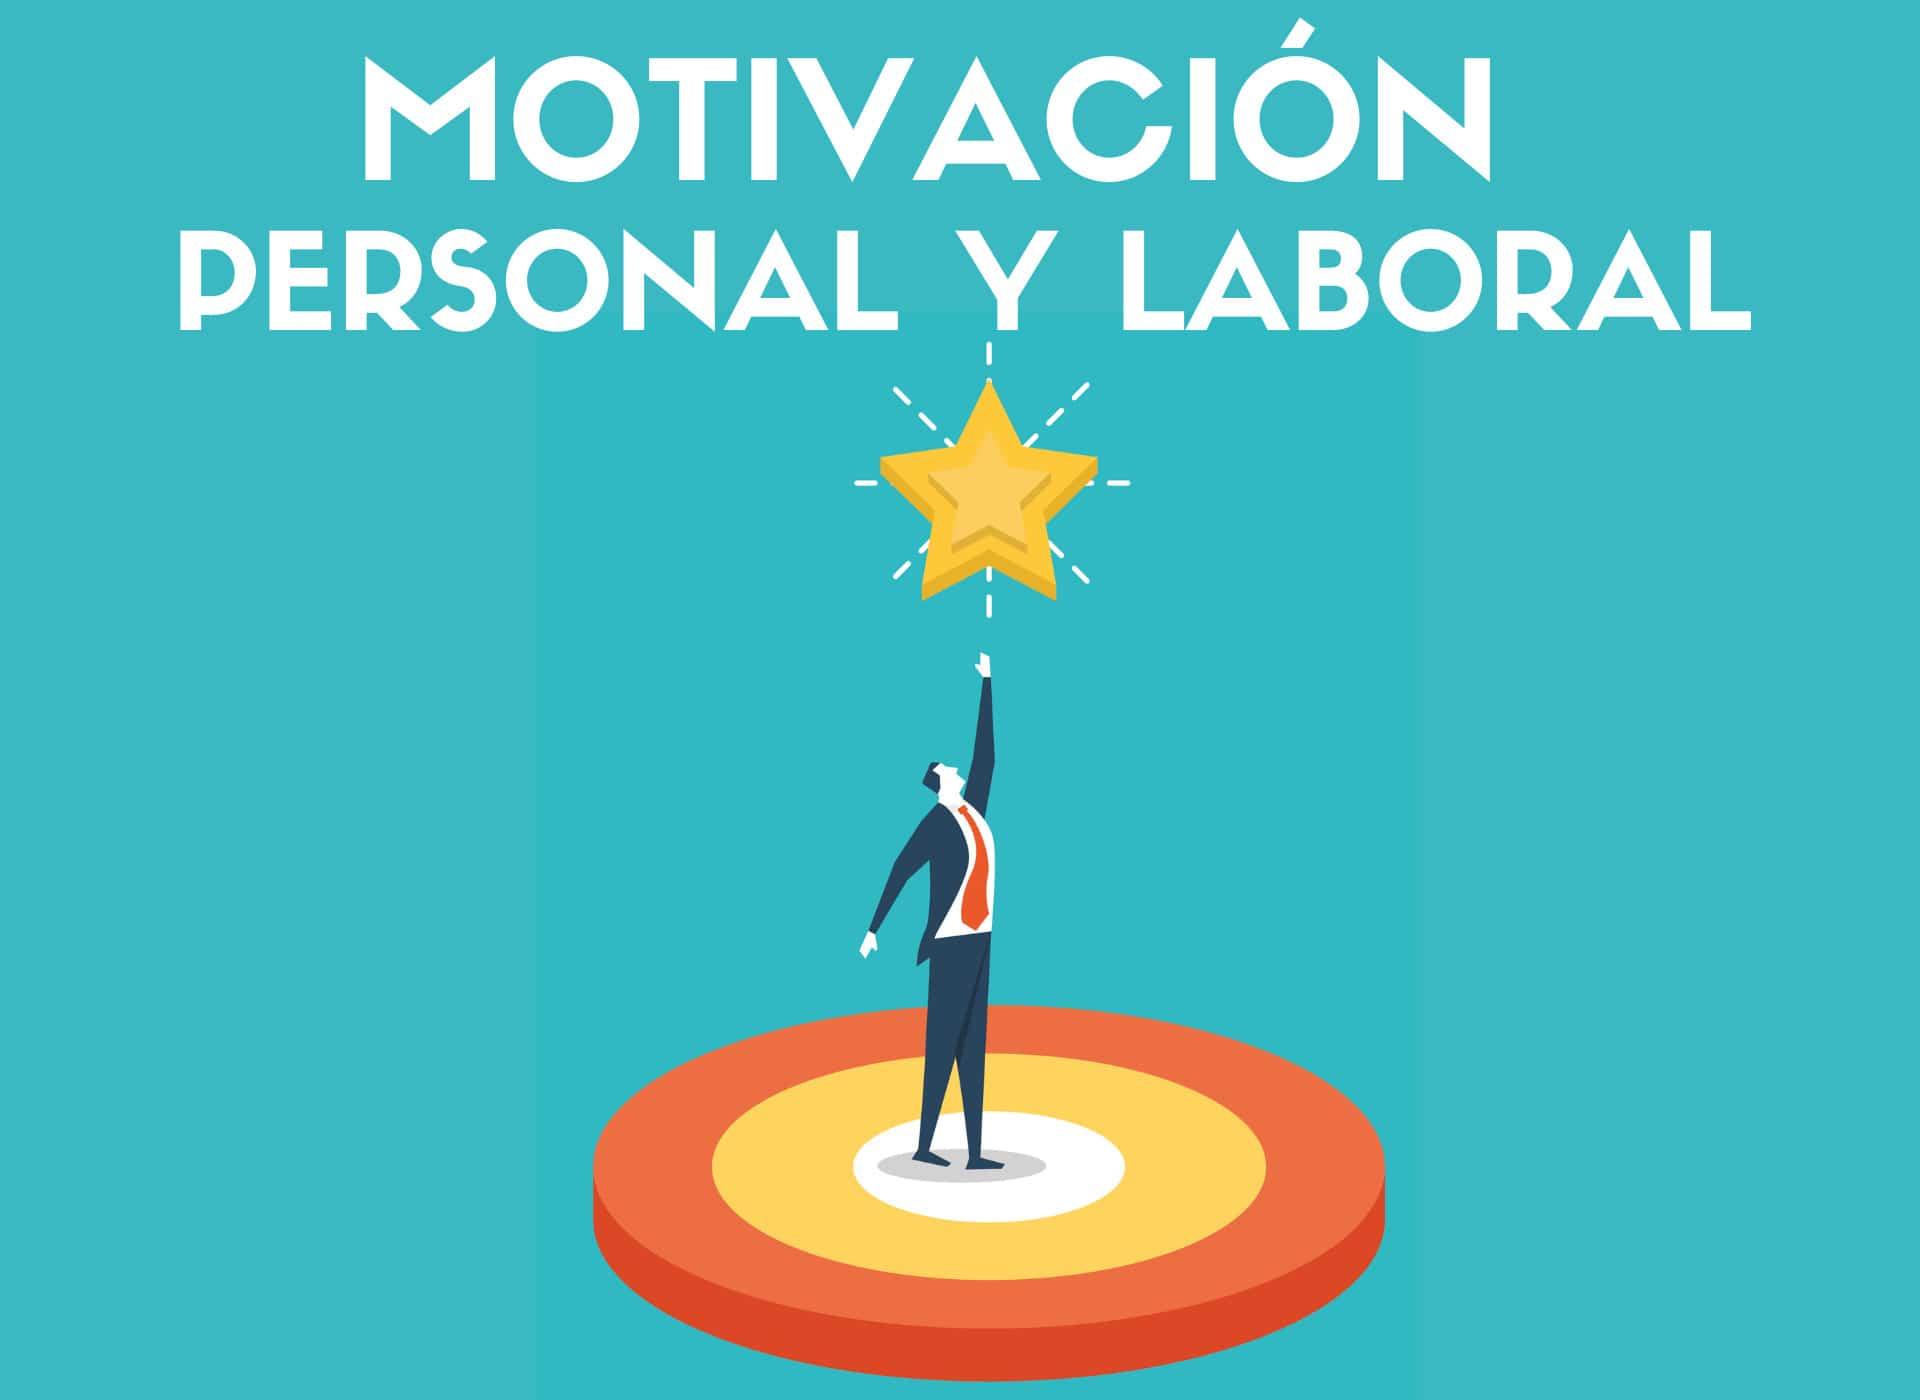 Curso Motivación personal y laboral - Capacitación práctica - Venezuela